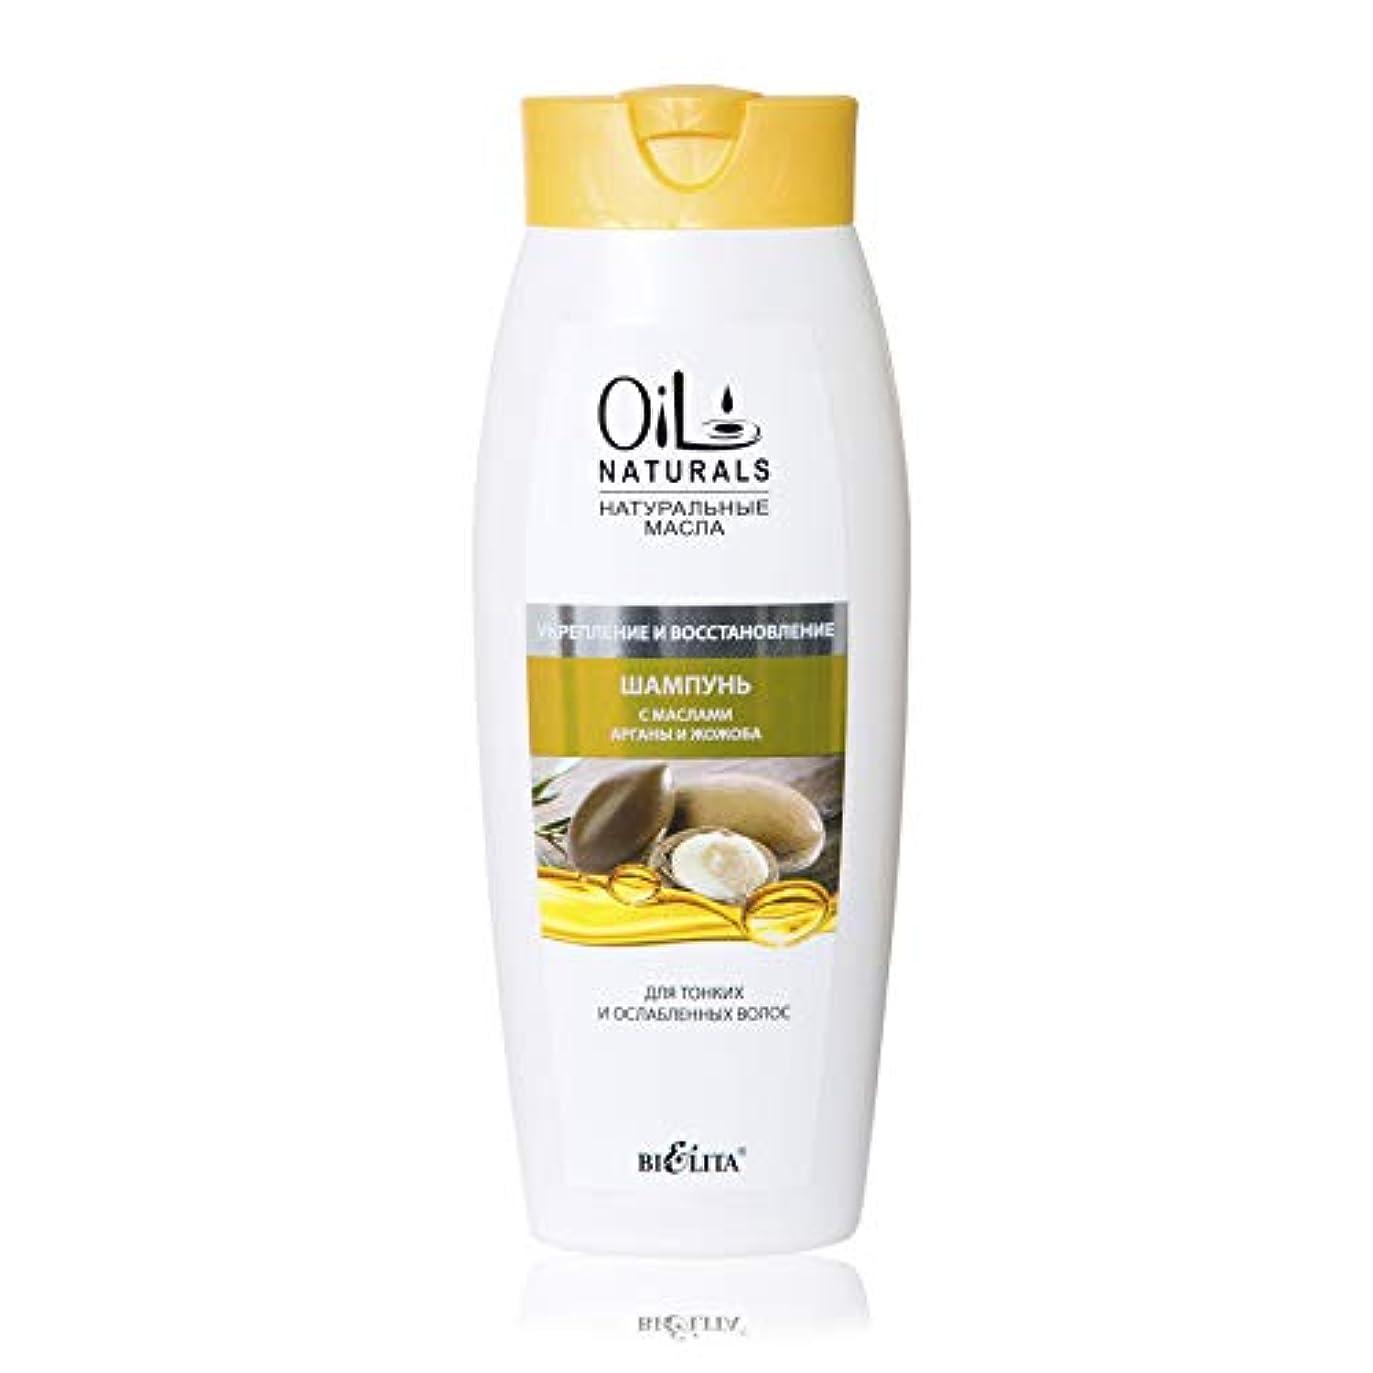 努力借りる相互Bielita & Vitex Oil Naturals Line   Strengthening & Restoring Shampoo for Thin Hair, 430 ml   Argan Oil, Silk...